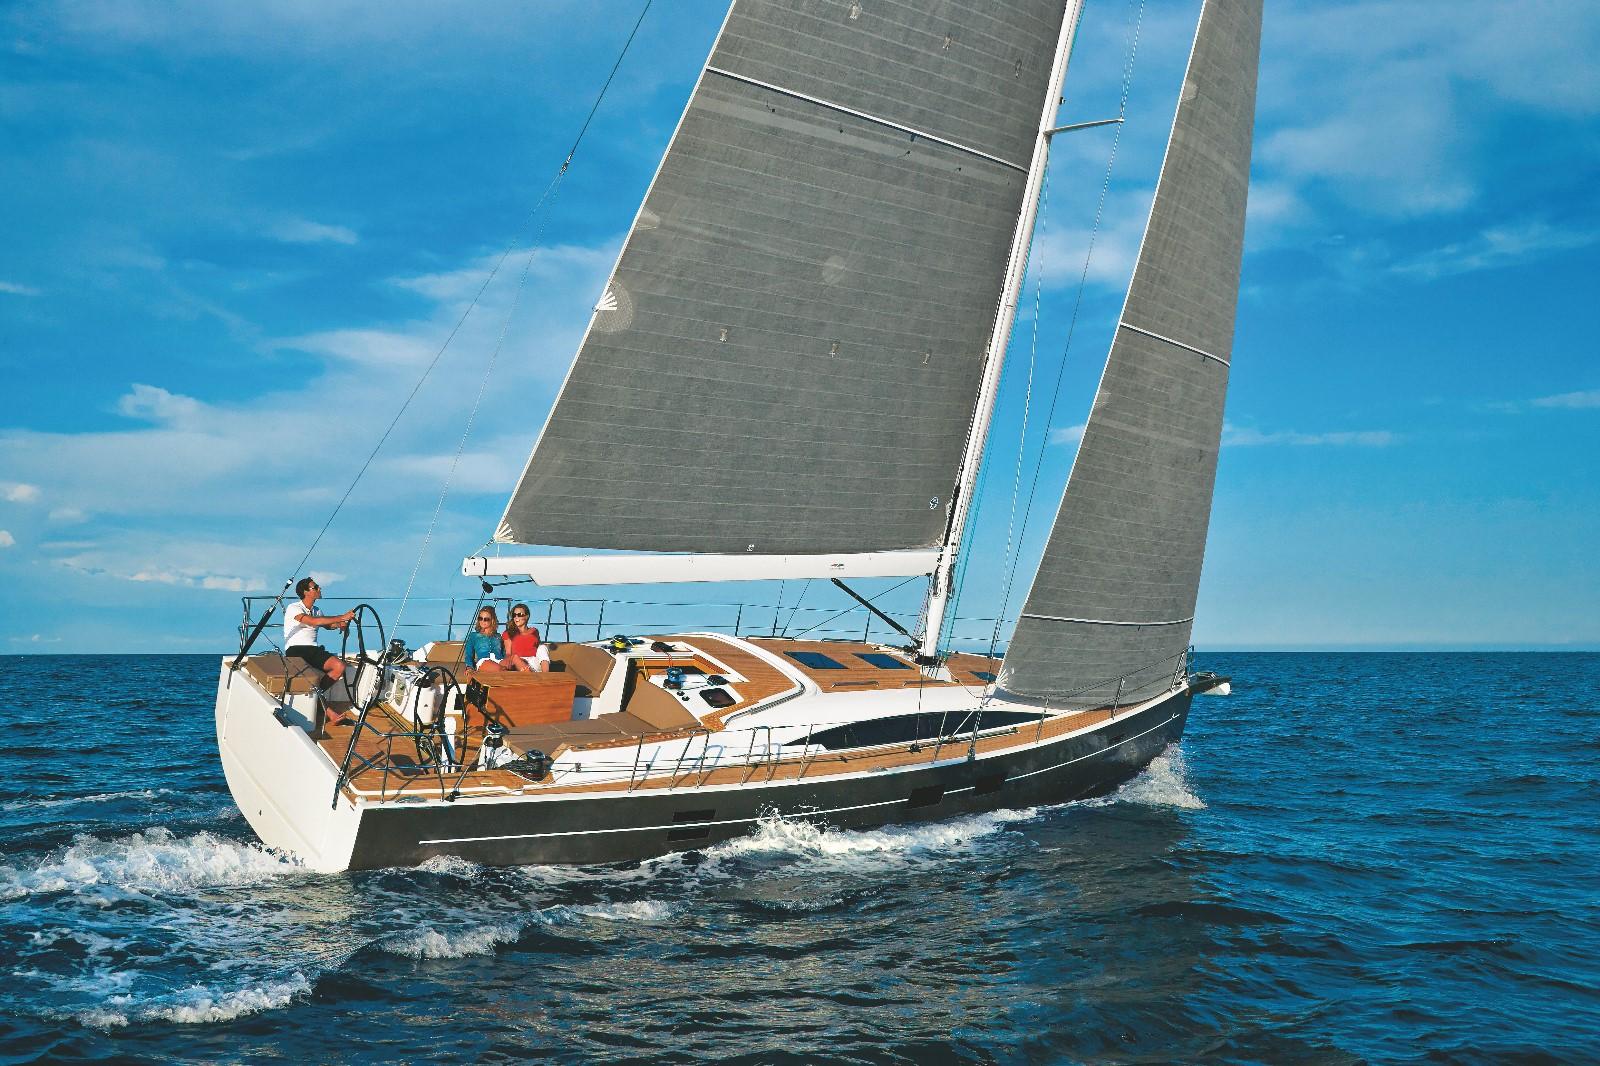 冠军赛船-阿兹尔46